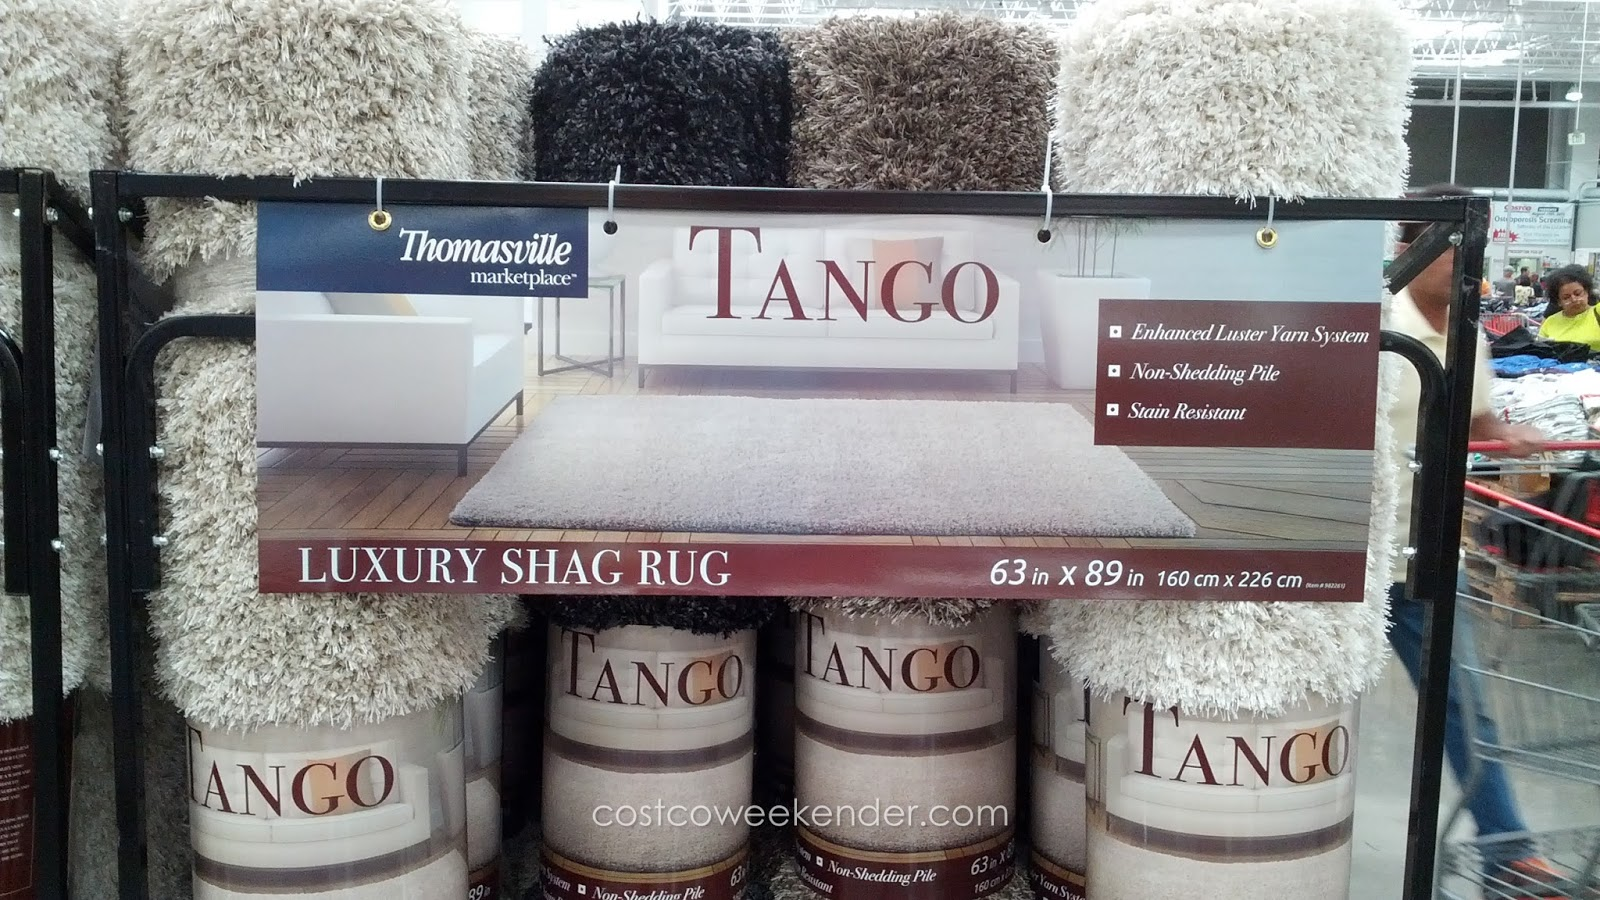 Thomasville Marketplace Tango Collection Luxury Shag Area